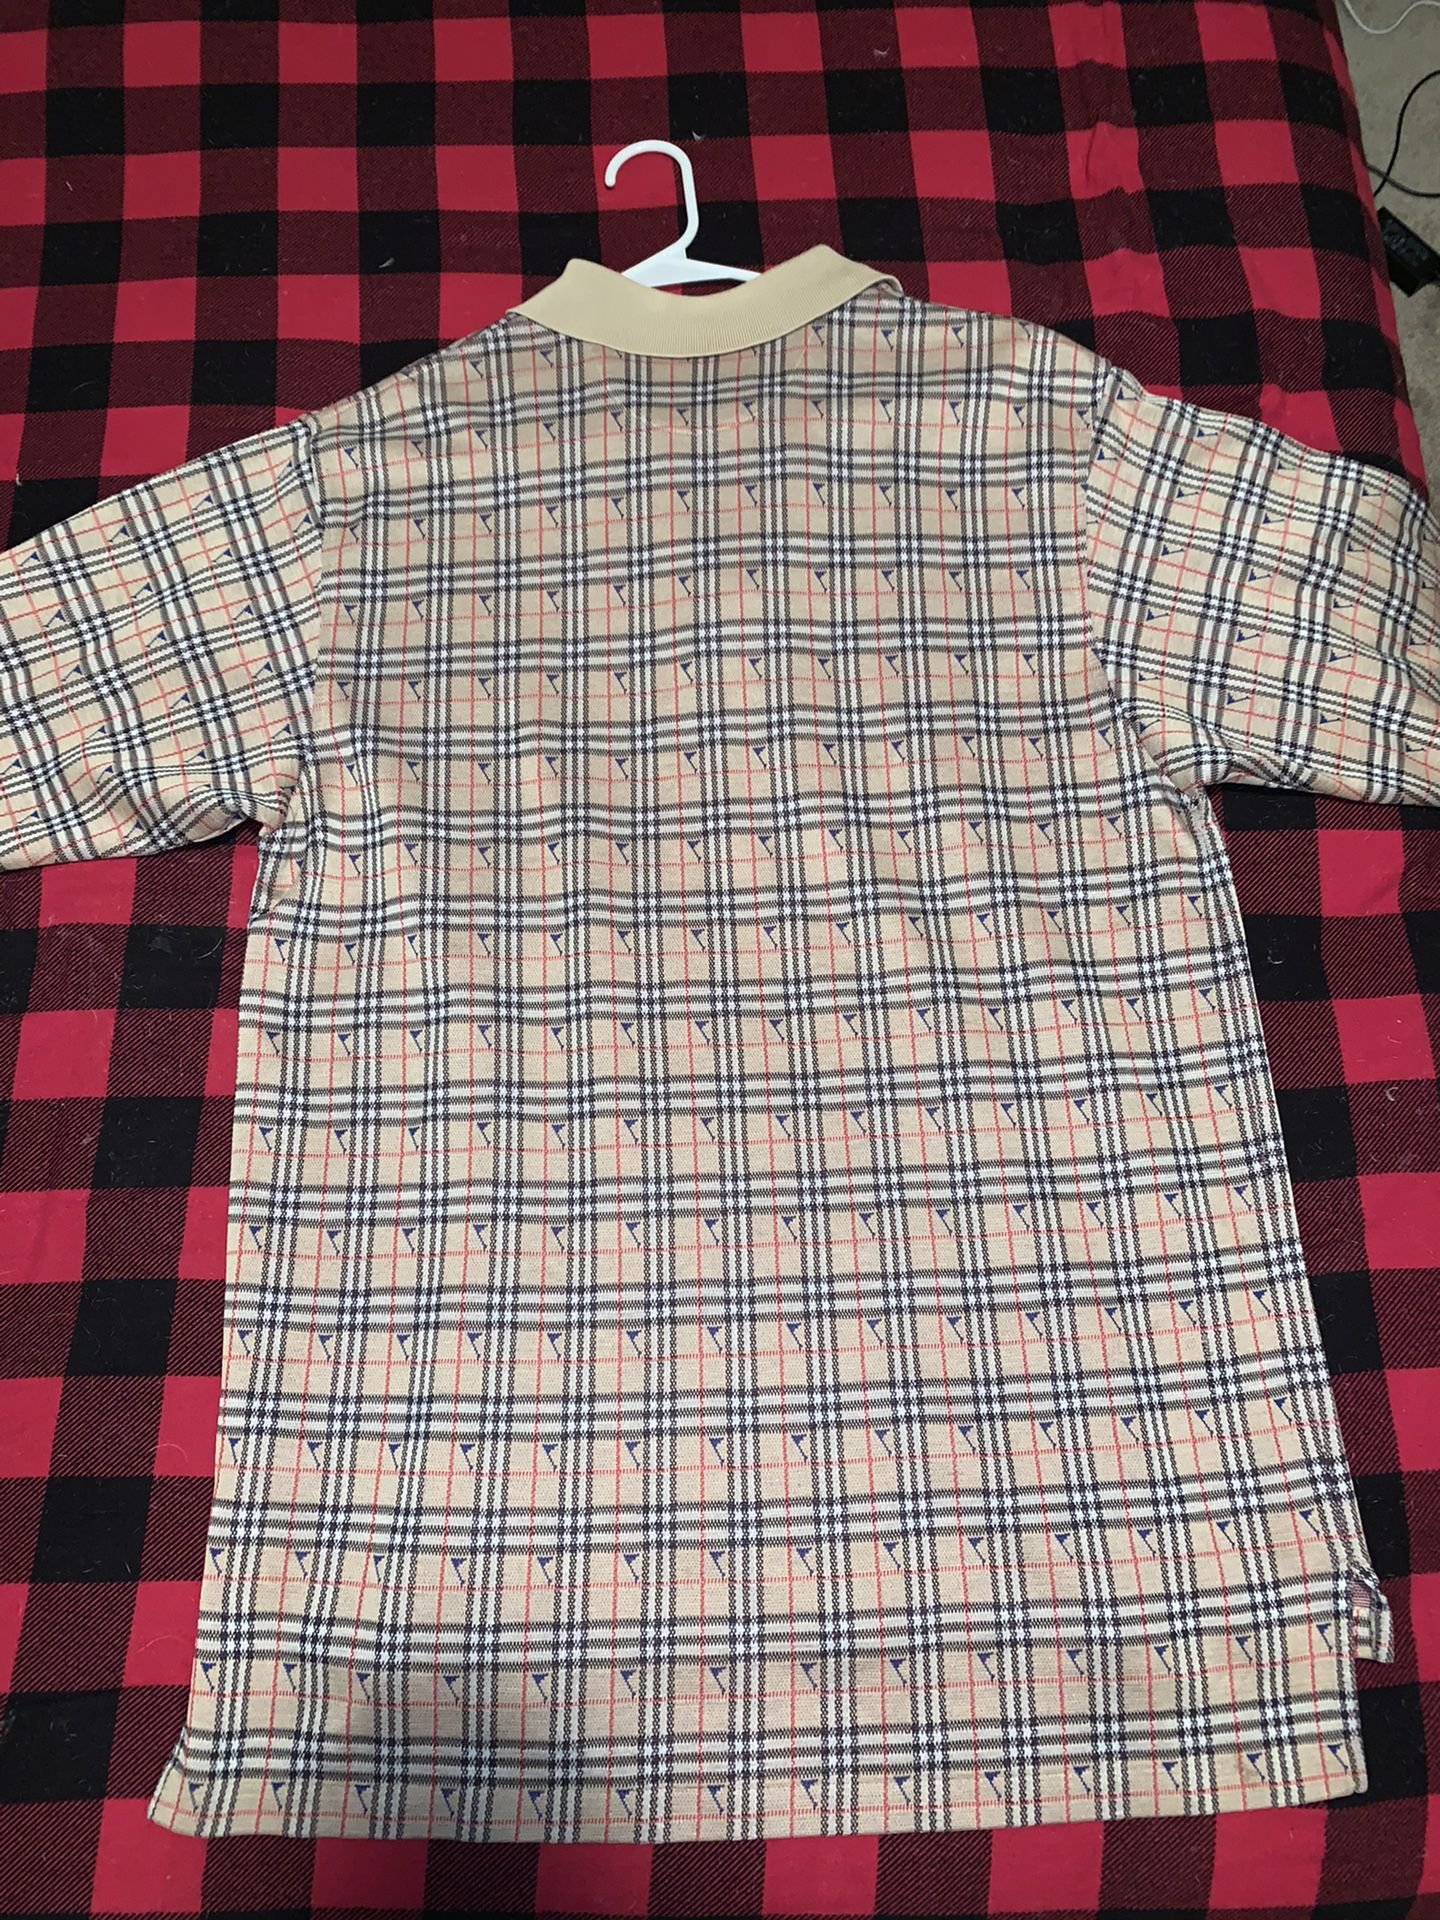 Burberry Plaid Polo Shirt